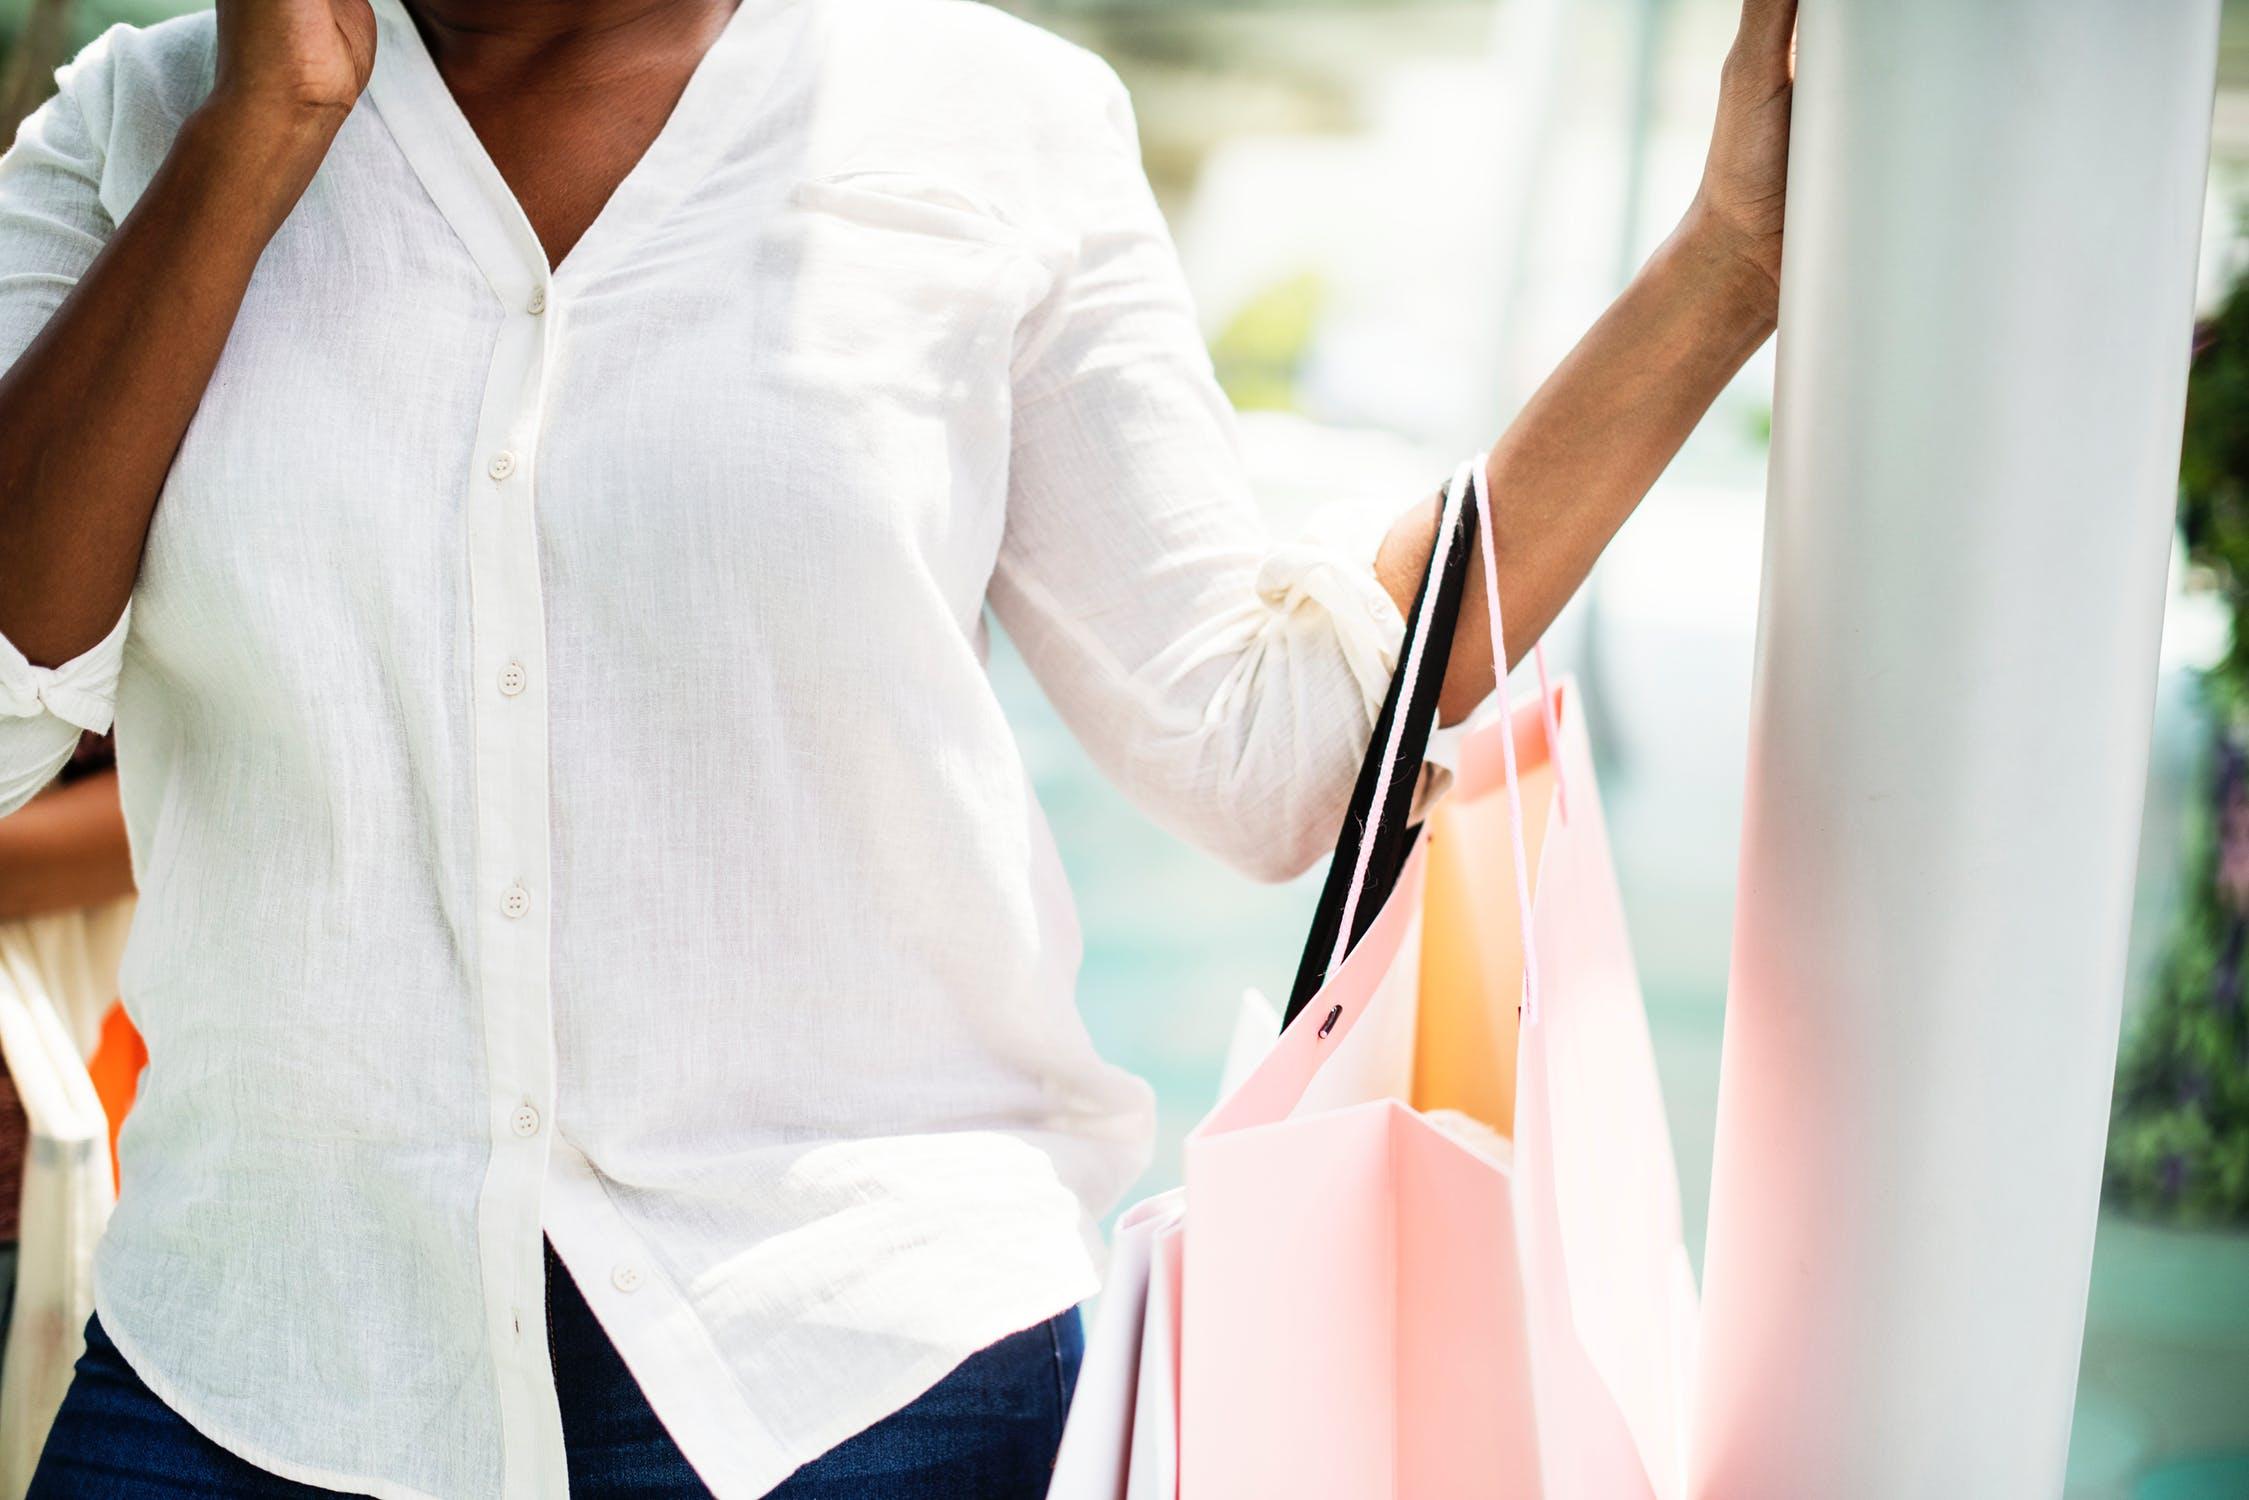 最新美国消费者研究报告:千禧代愿为真实和真诚支付更高的价格